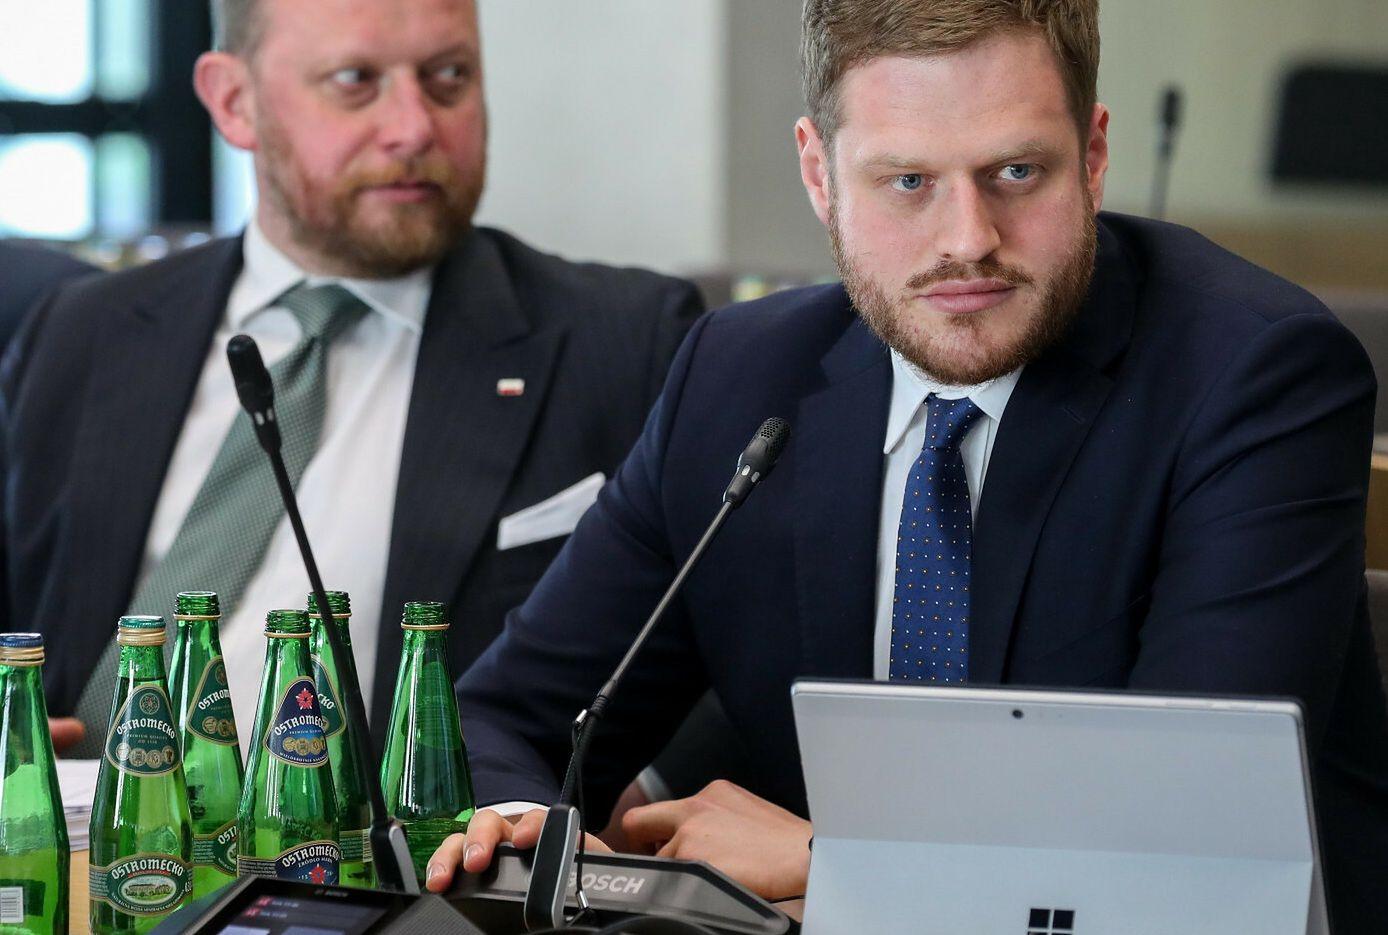 Były minister zdrowia Łukasz Szumowski i wiceminister zdrowia Janusz Cieszyński. Od jesieni 2020 roku żadnego nie było w rządzie